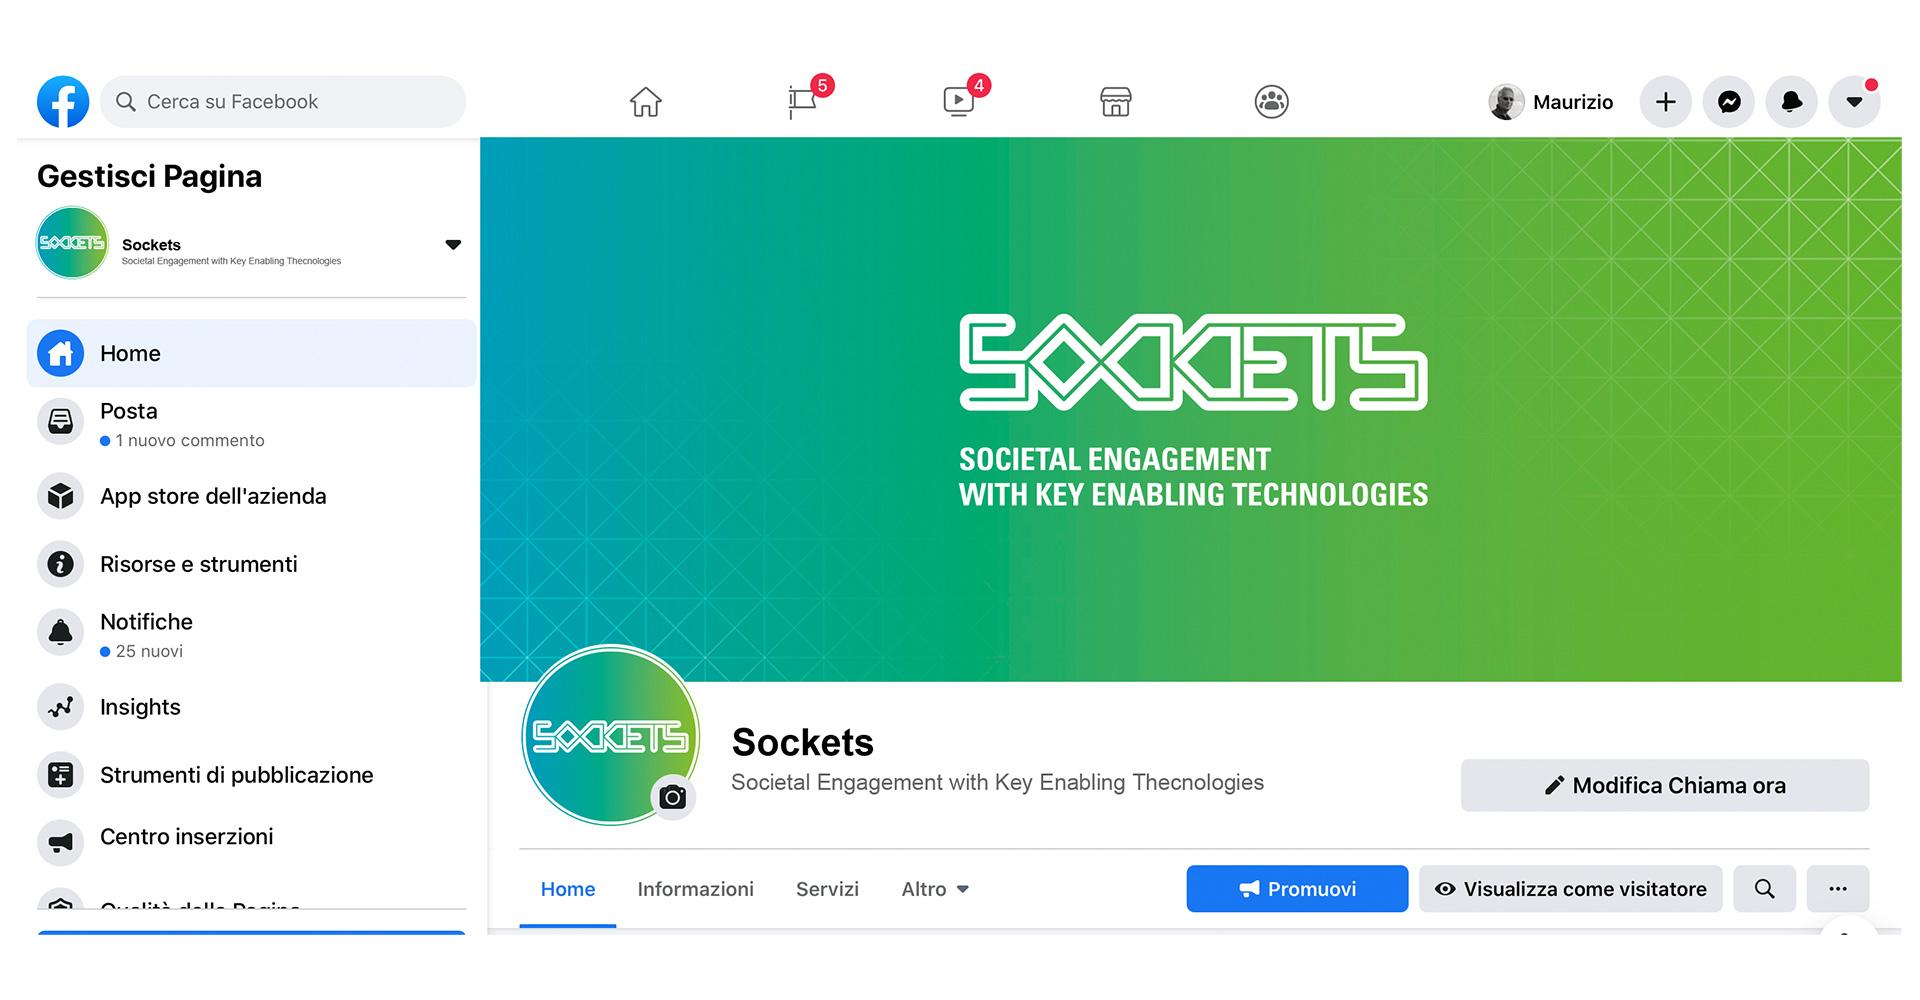 Sockets_Base_07